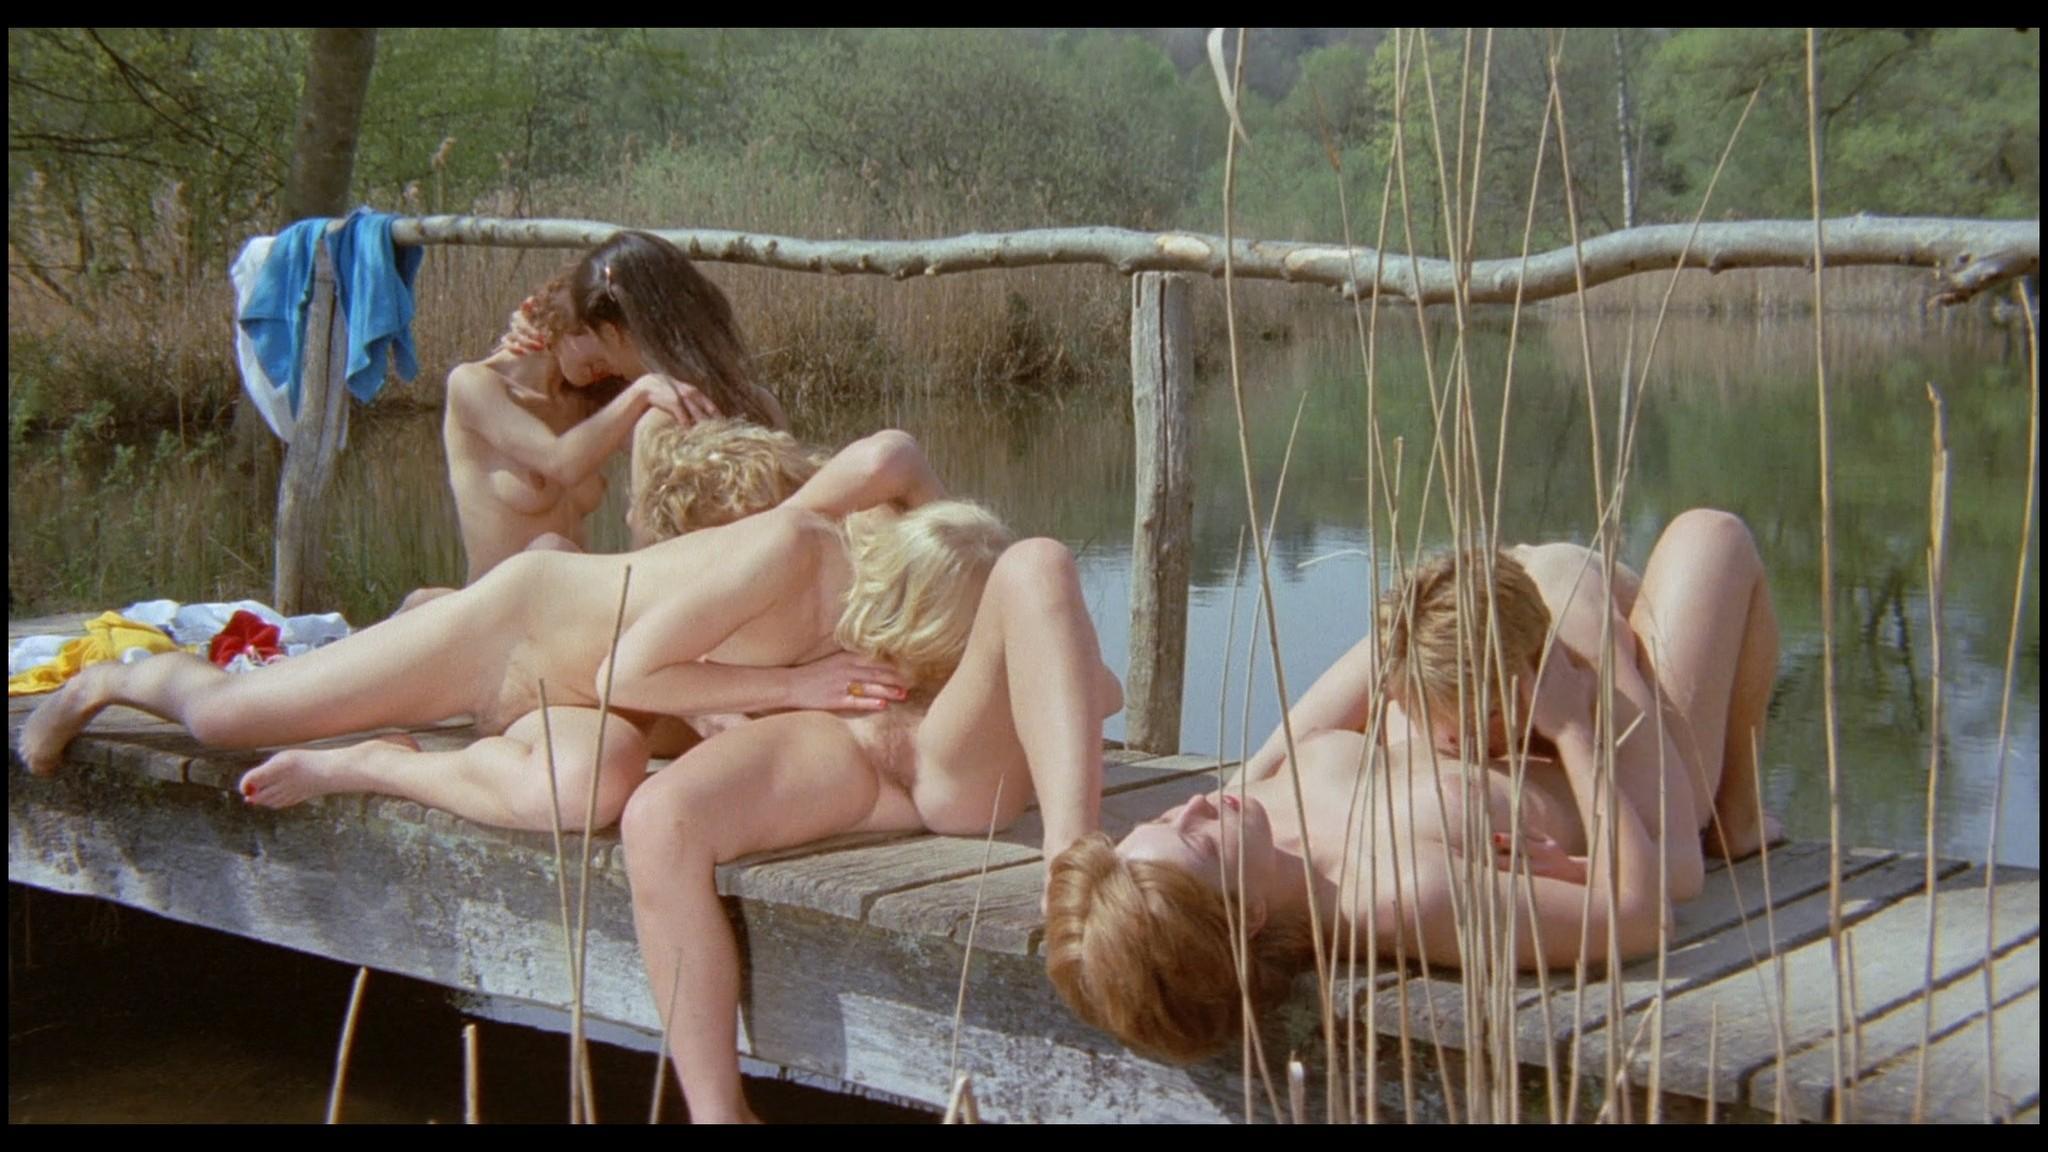 Marianne Aubert Michaela Larsen etc nude explicit sex Sechs Schwedinnen auf der Alm 1983 1080p BluRay 18